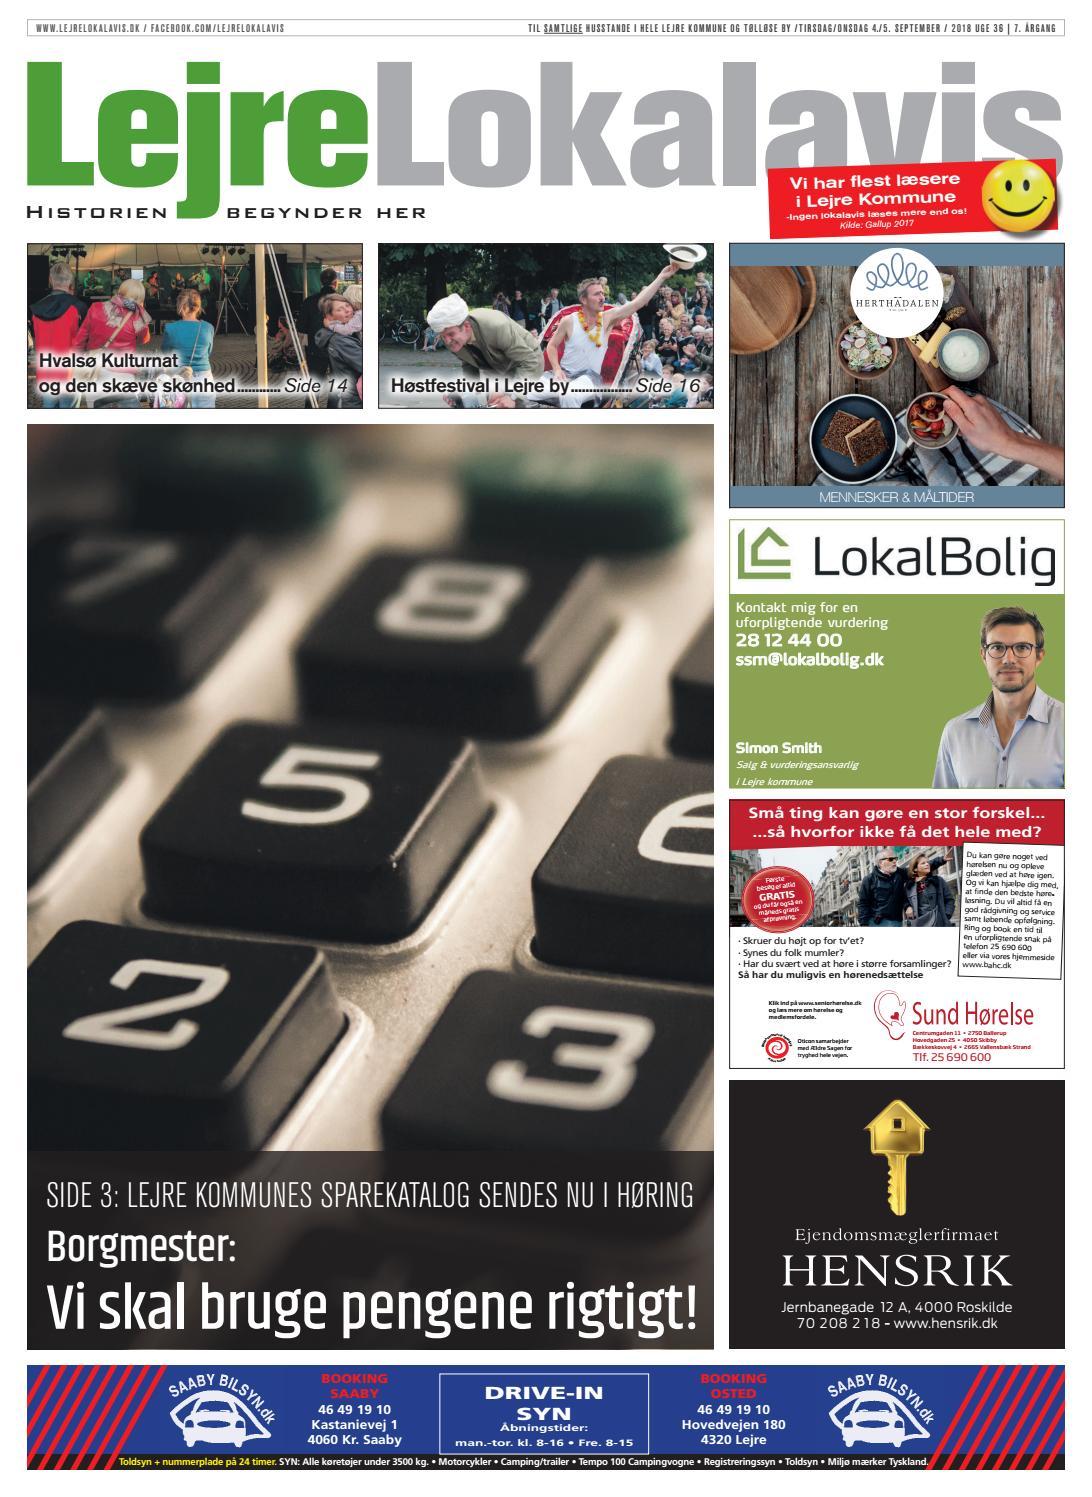 91da200a820 Lejre Lokalavis uge 36-2018 by Lejre Lokalavis - issuu